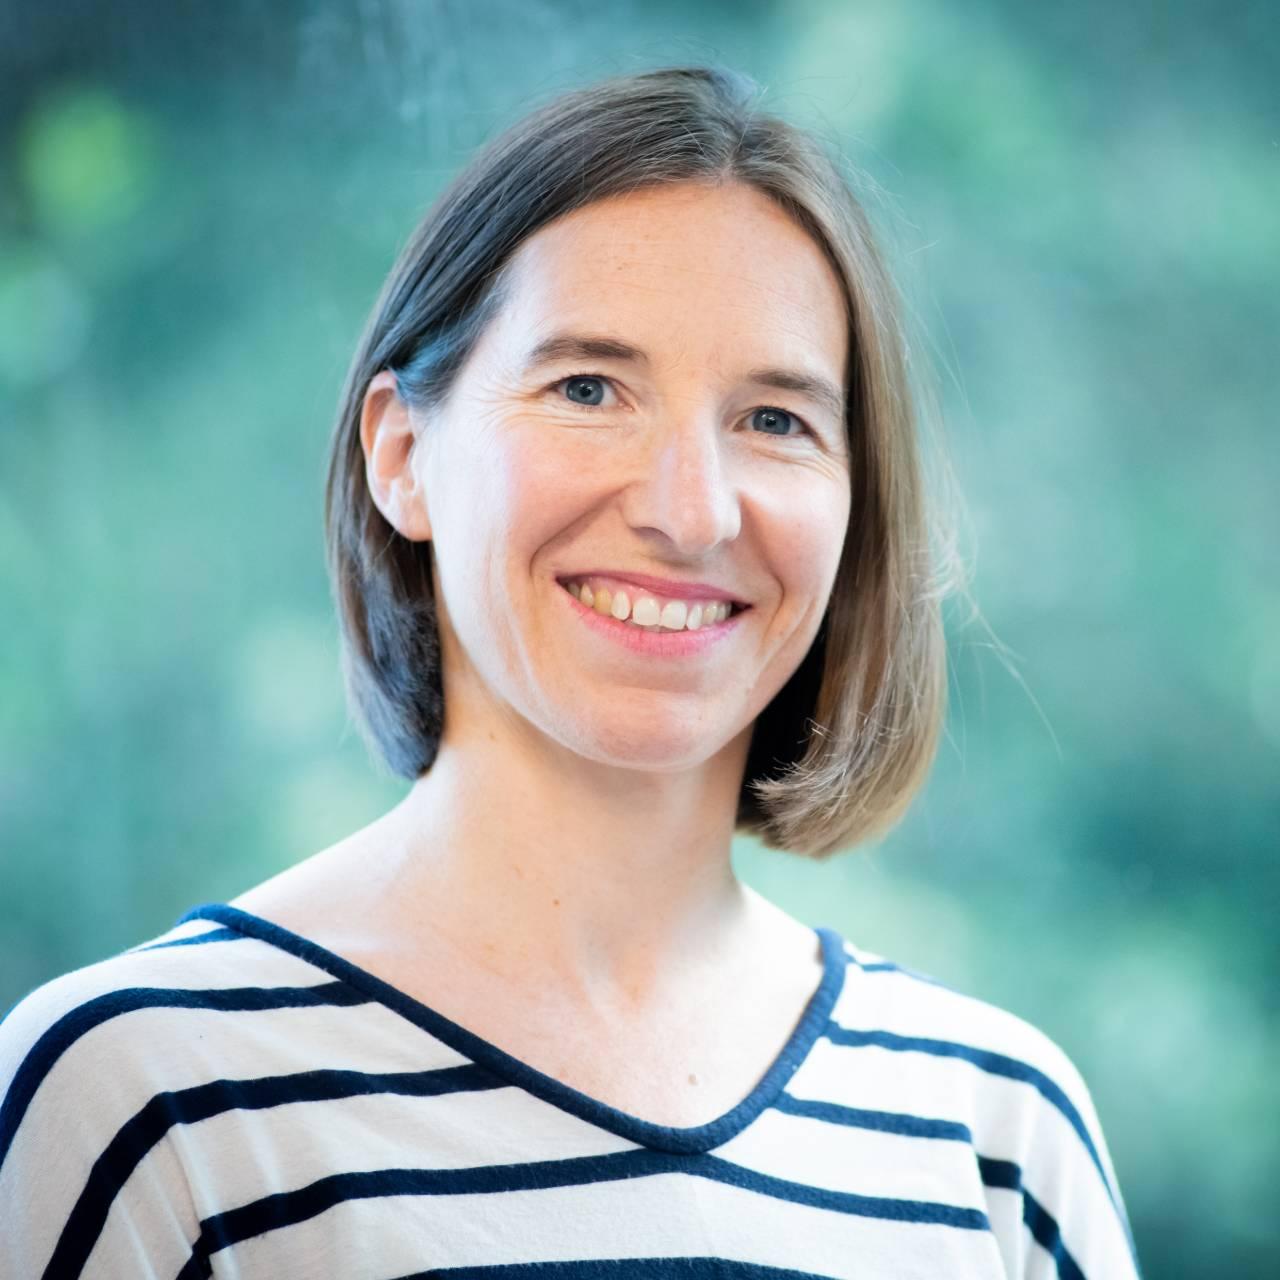 Fiona Barker profile picture photograph